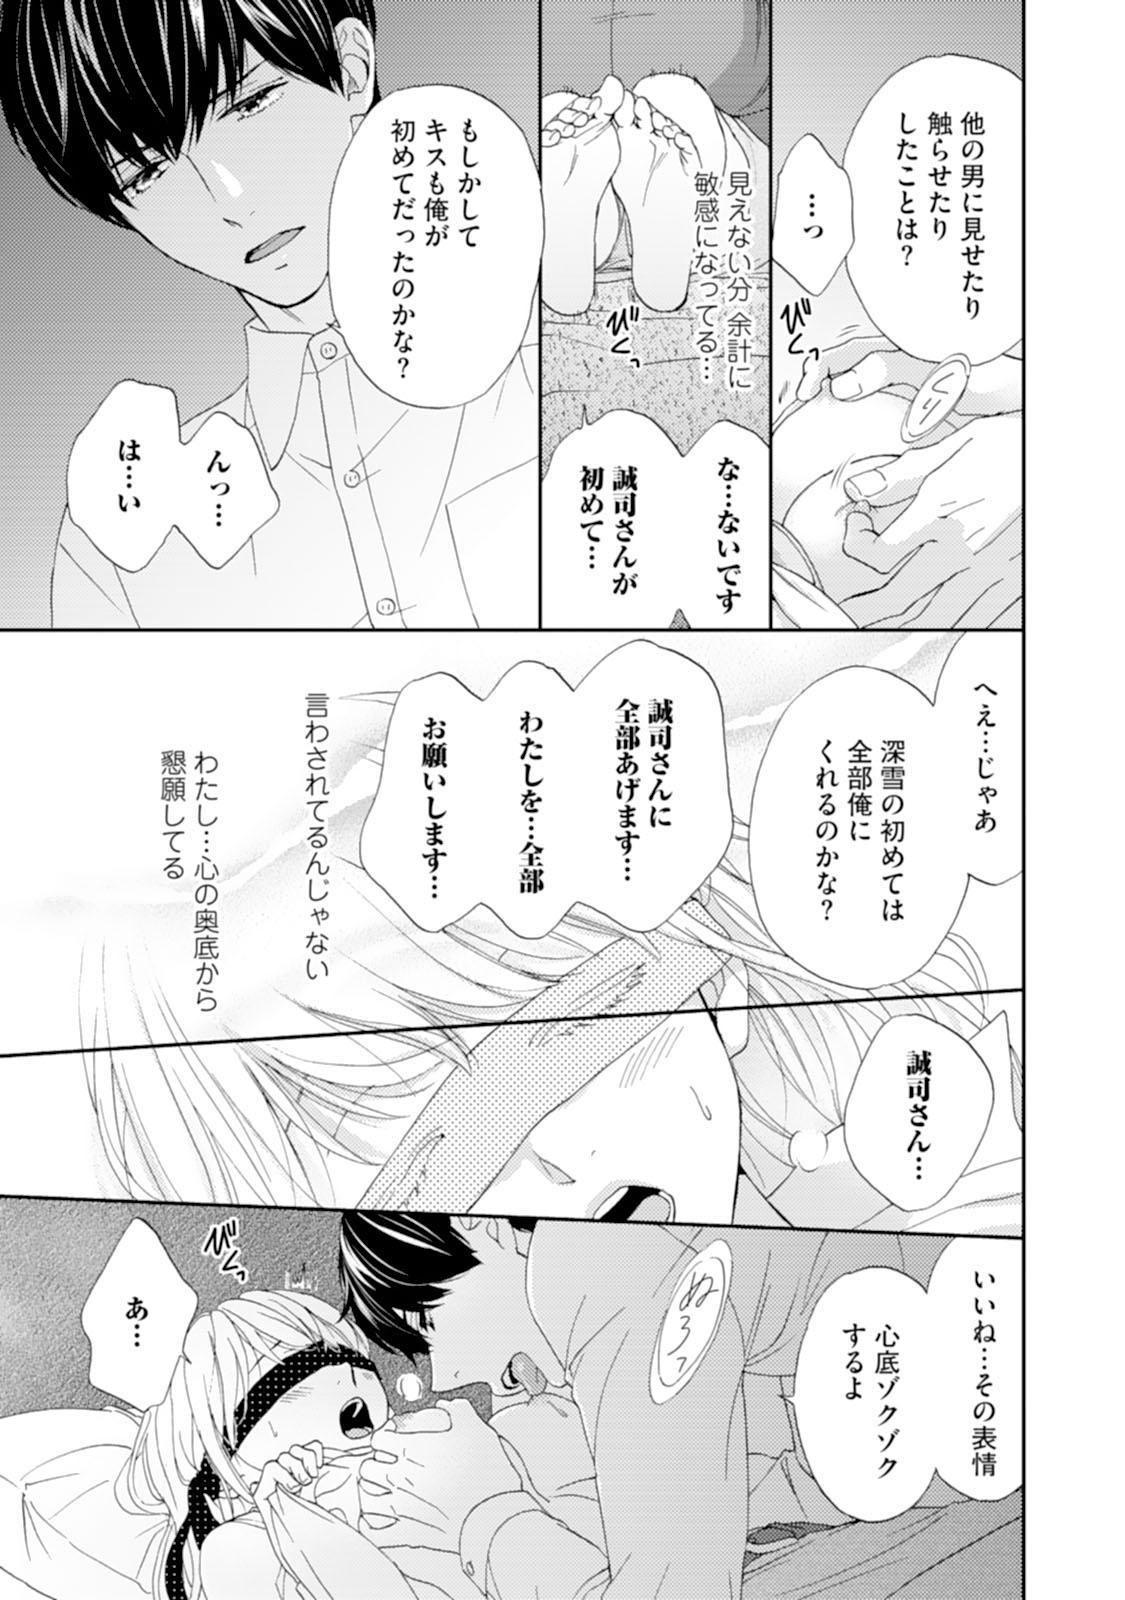 [Adumi Yuu] Choukyou-kei Danshi Ookami-sama to Koneko-chan Ch. 1-3 47